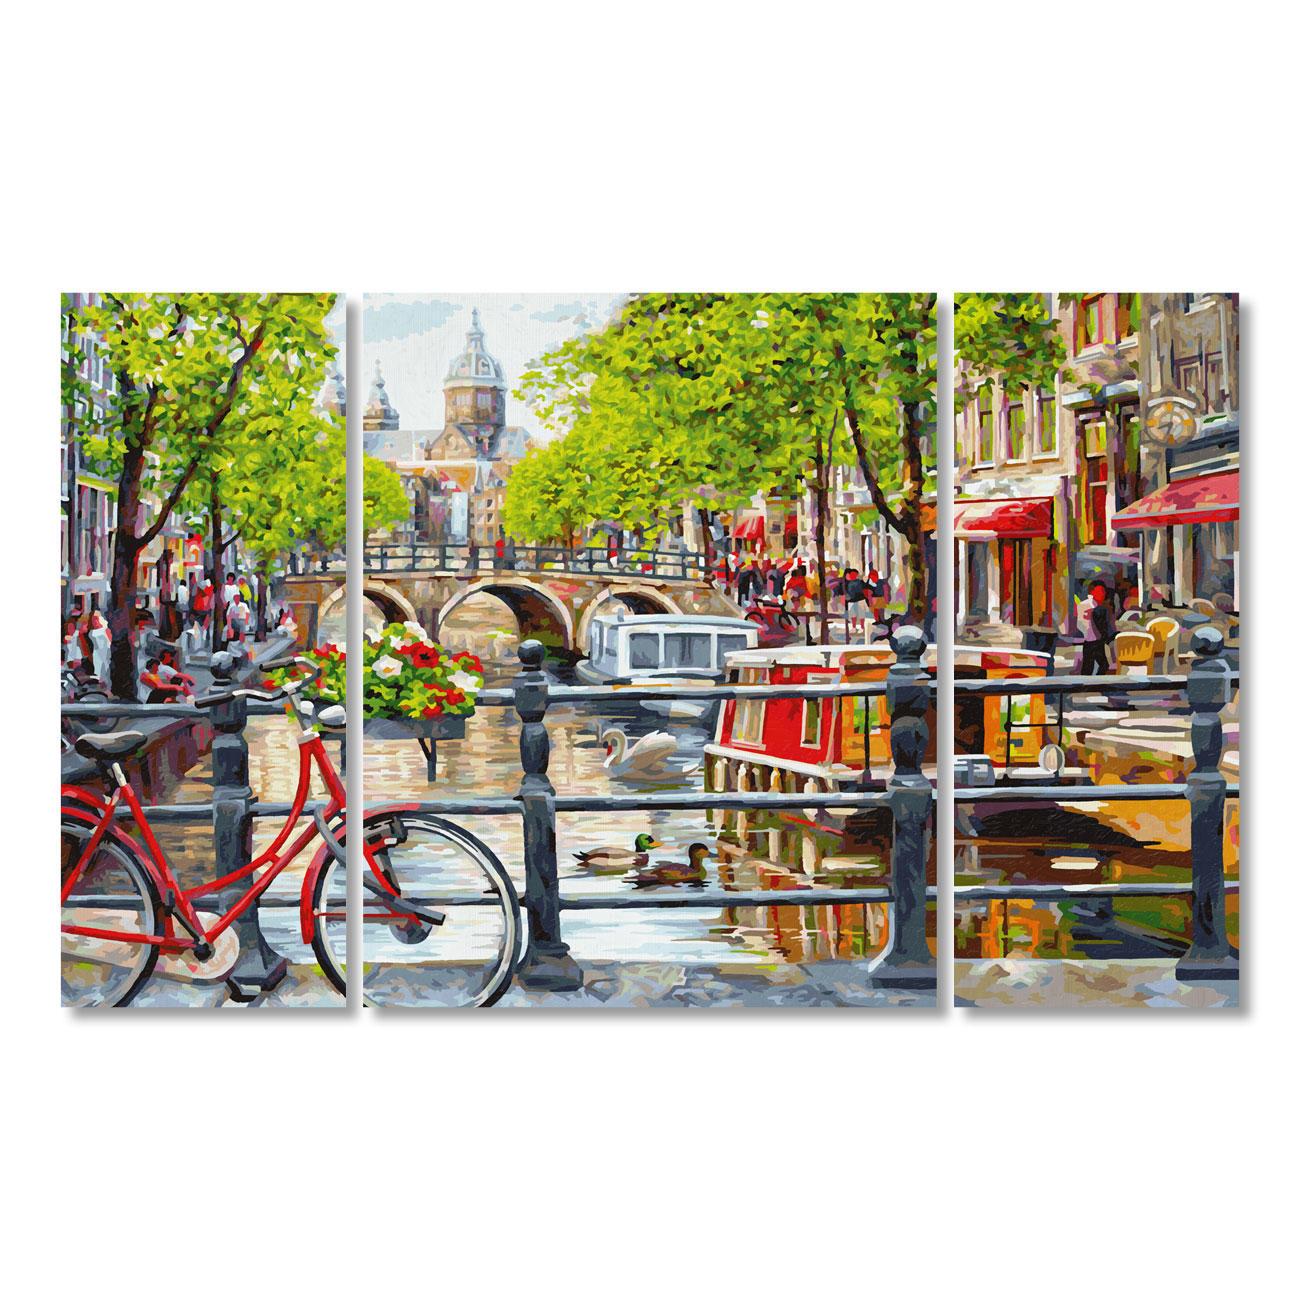 Malen Nach Zahlen Triptychon Amsterdam